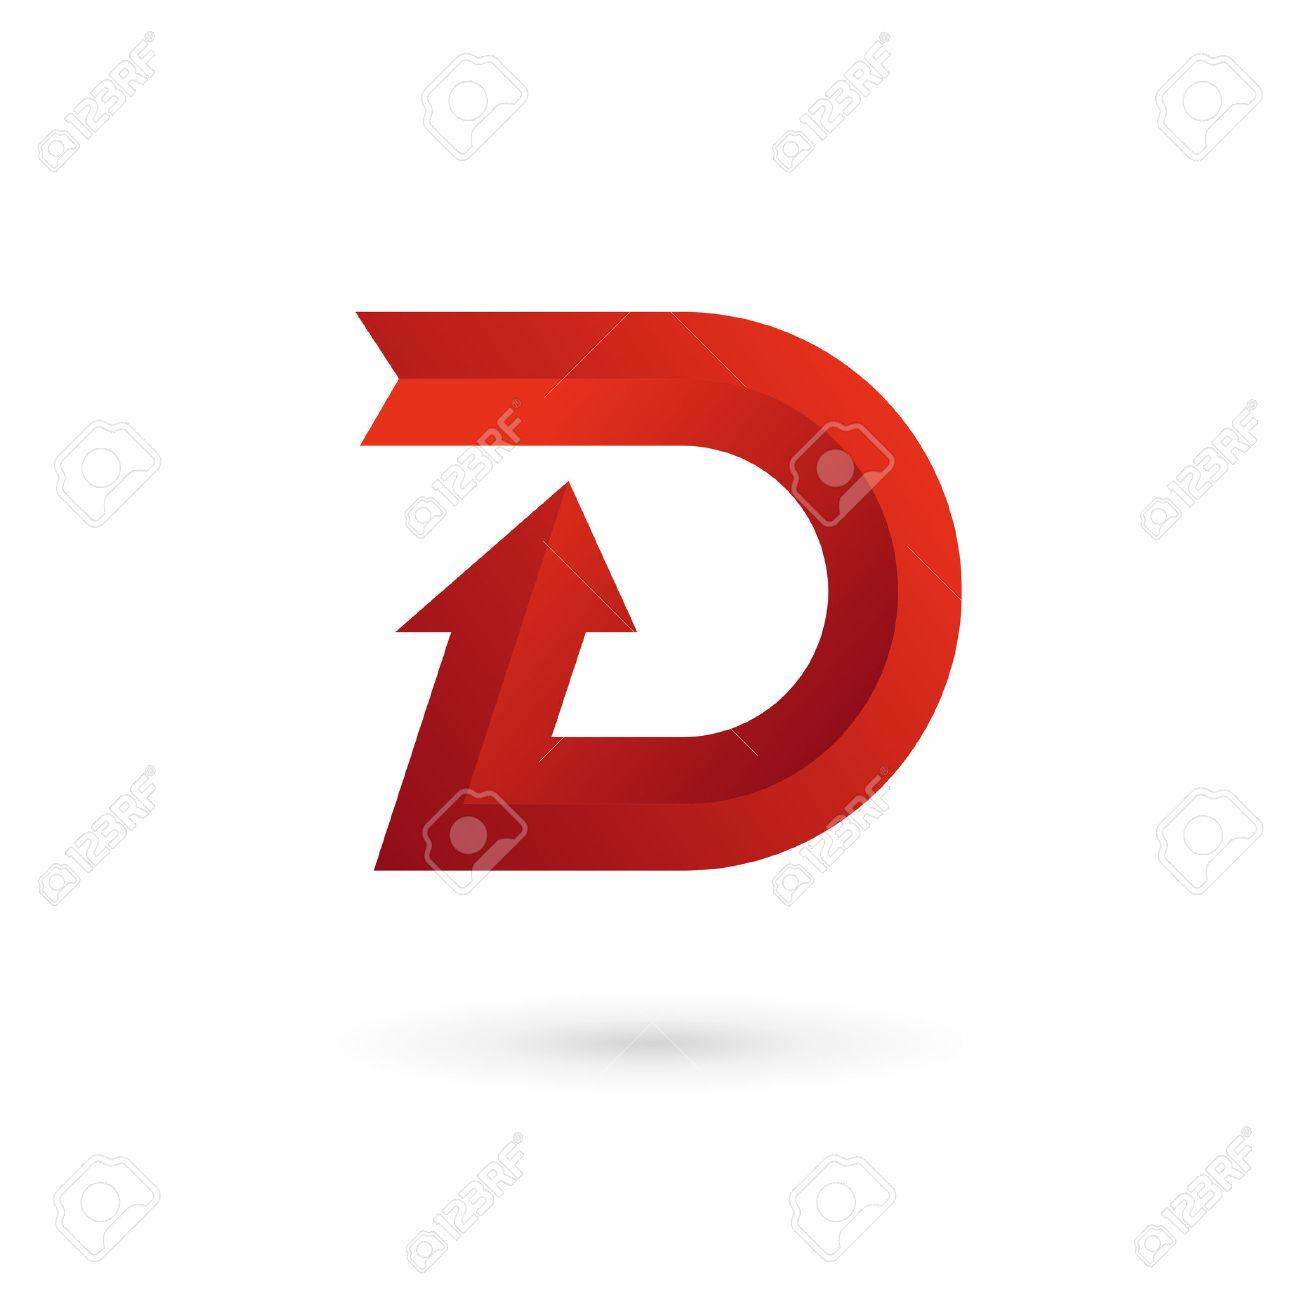 logo lettre d Lettre D Flèche Ruban Icônes, Logos éléments De Modèles De  logo lettre d